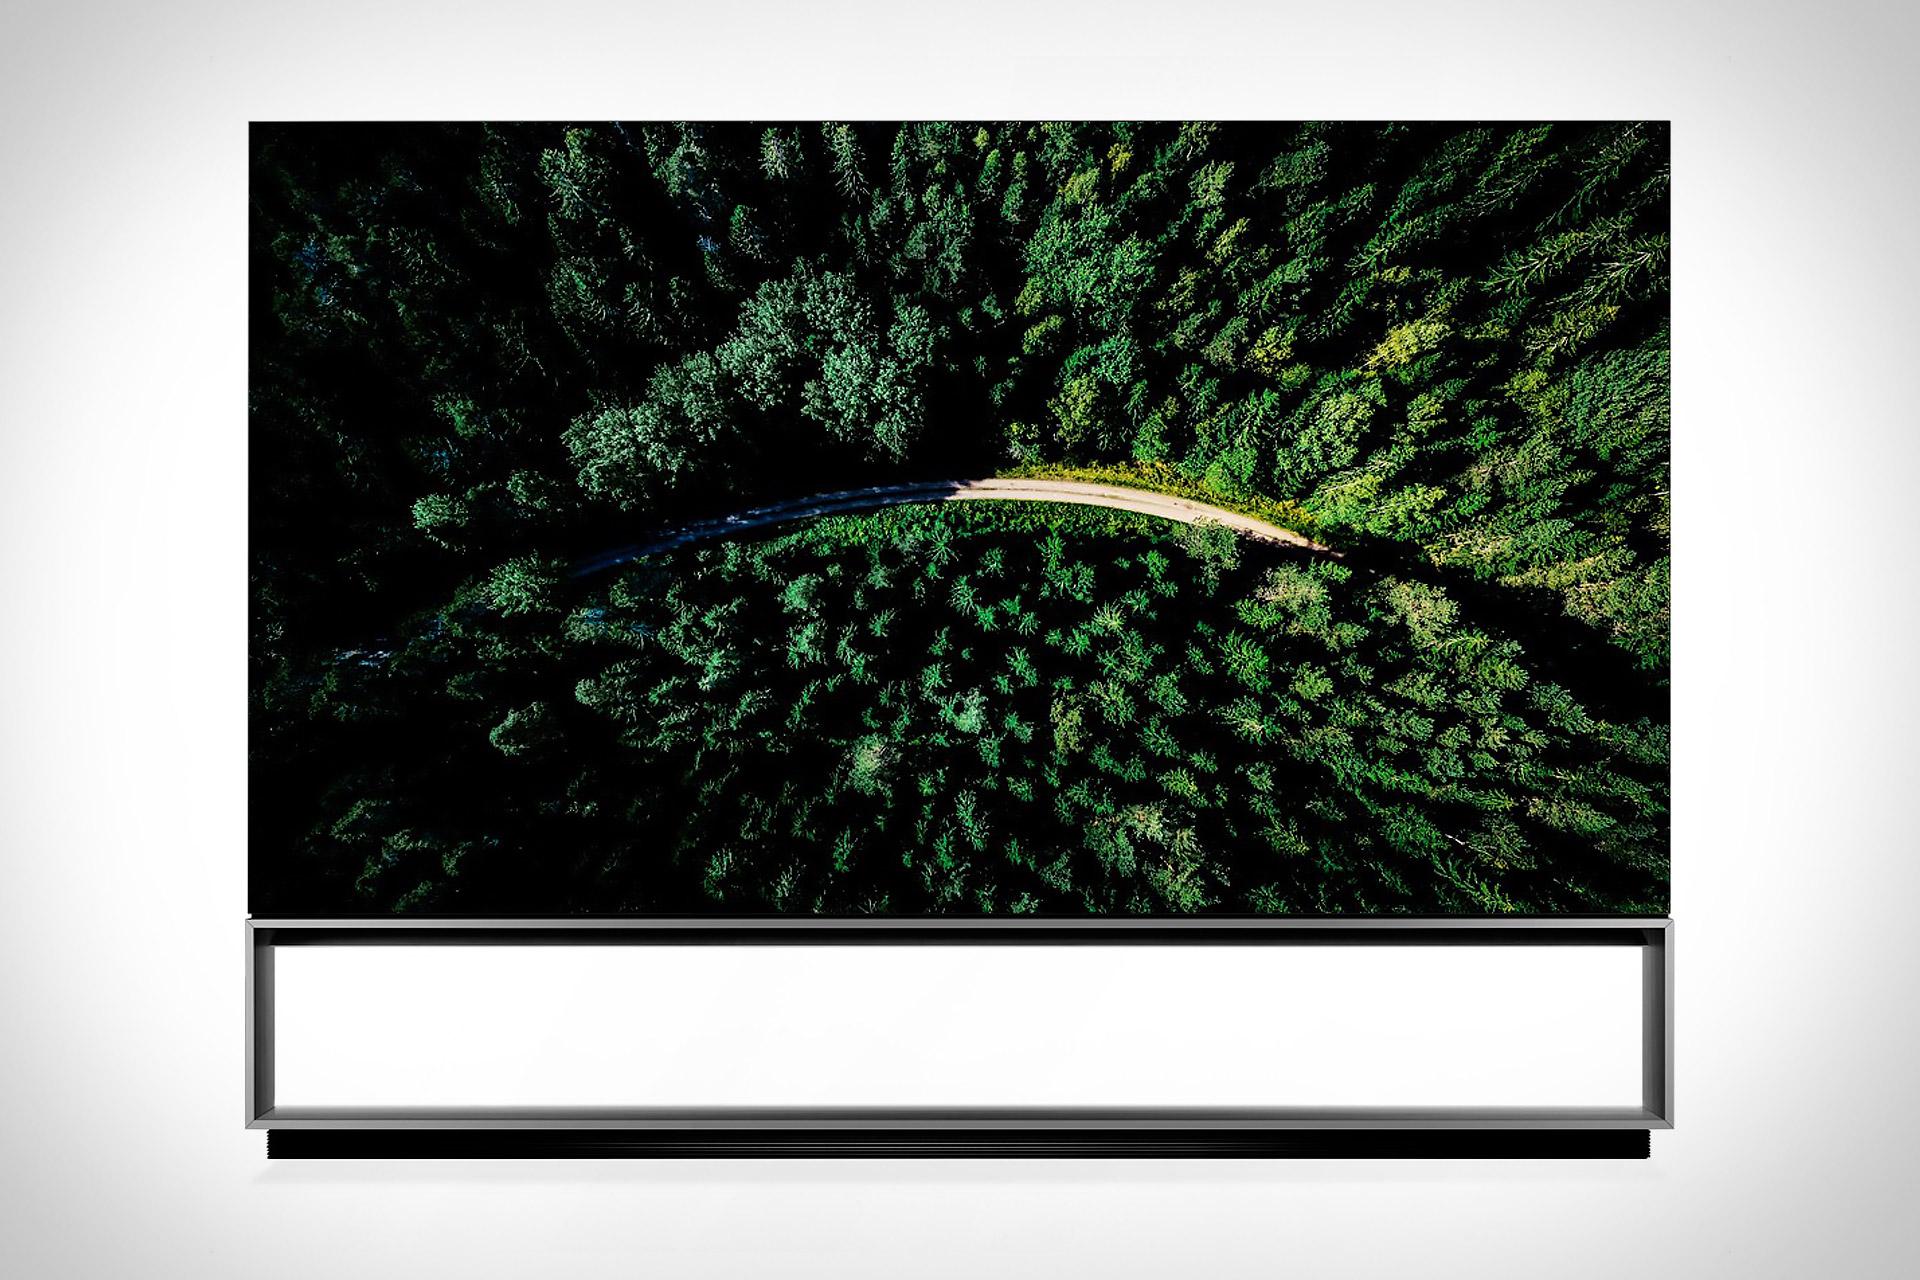 LG 88-inch Z9 8K OLED TV